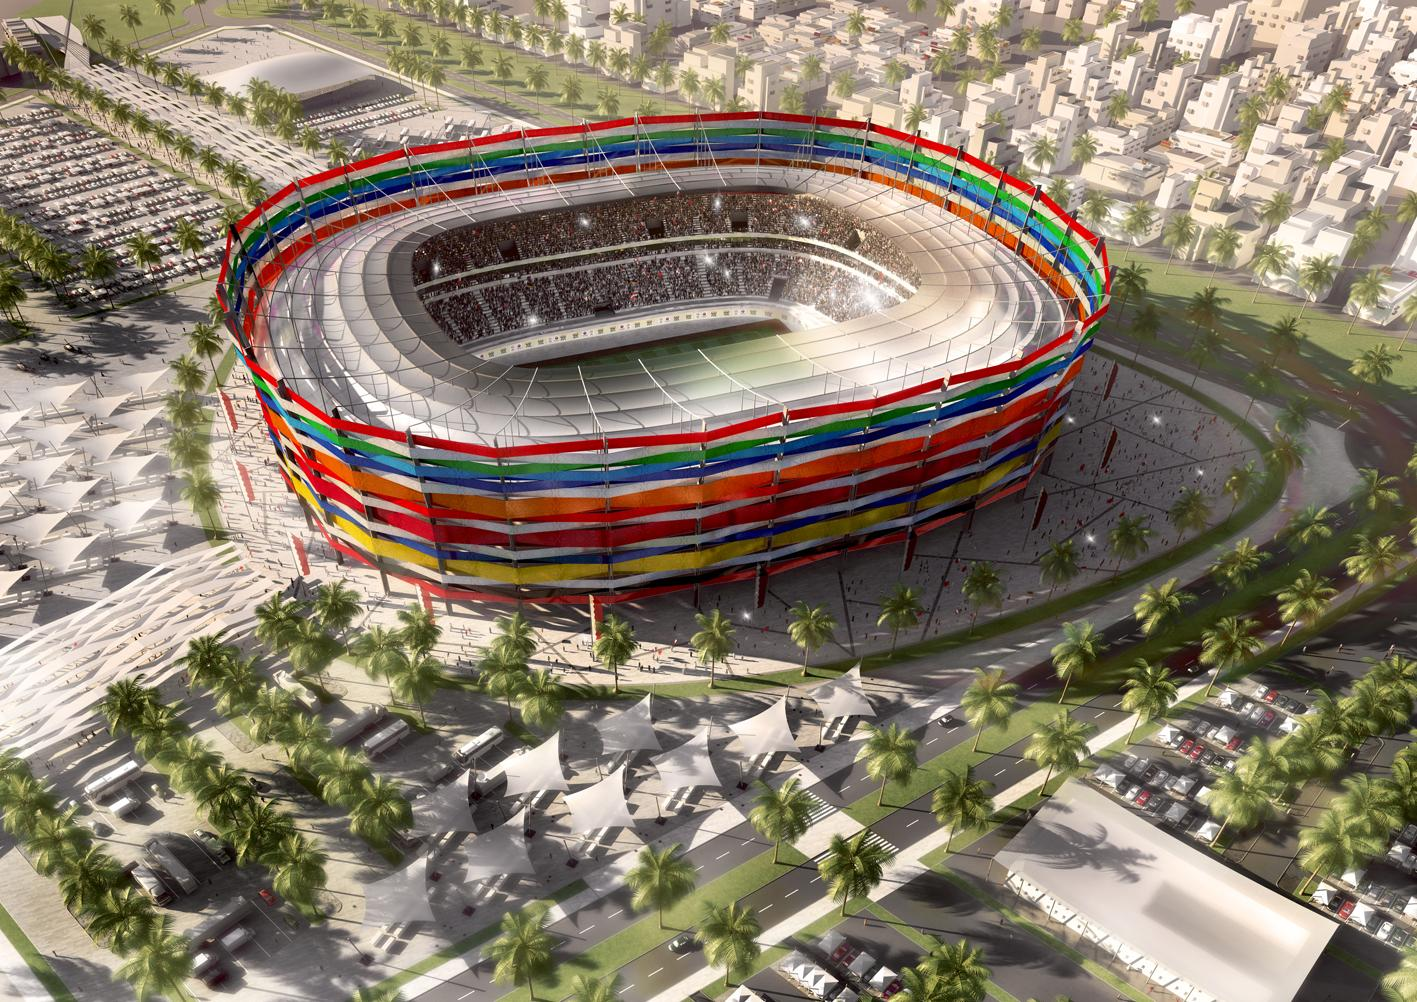 Les stades de la coupe du monde de foot en 2022 - Prochaine coupe du monde de foot 2022 ...